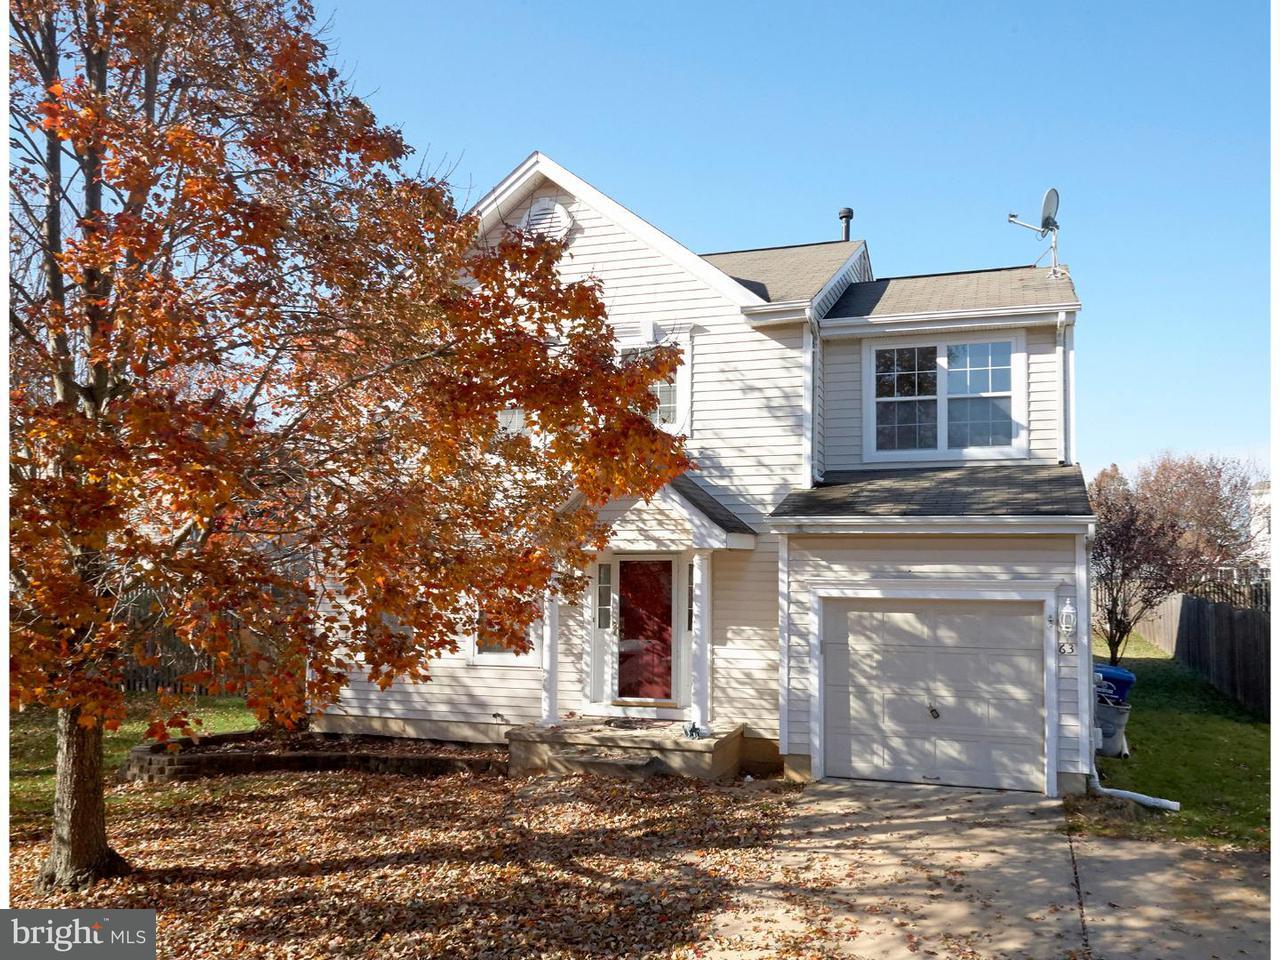 独户住宅 为 销售 在 63 BENTWOOD Drive Westampton, 新泽西州 08060 美国